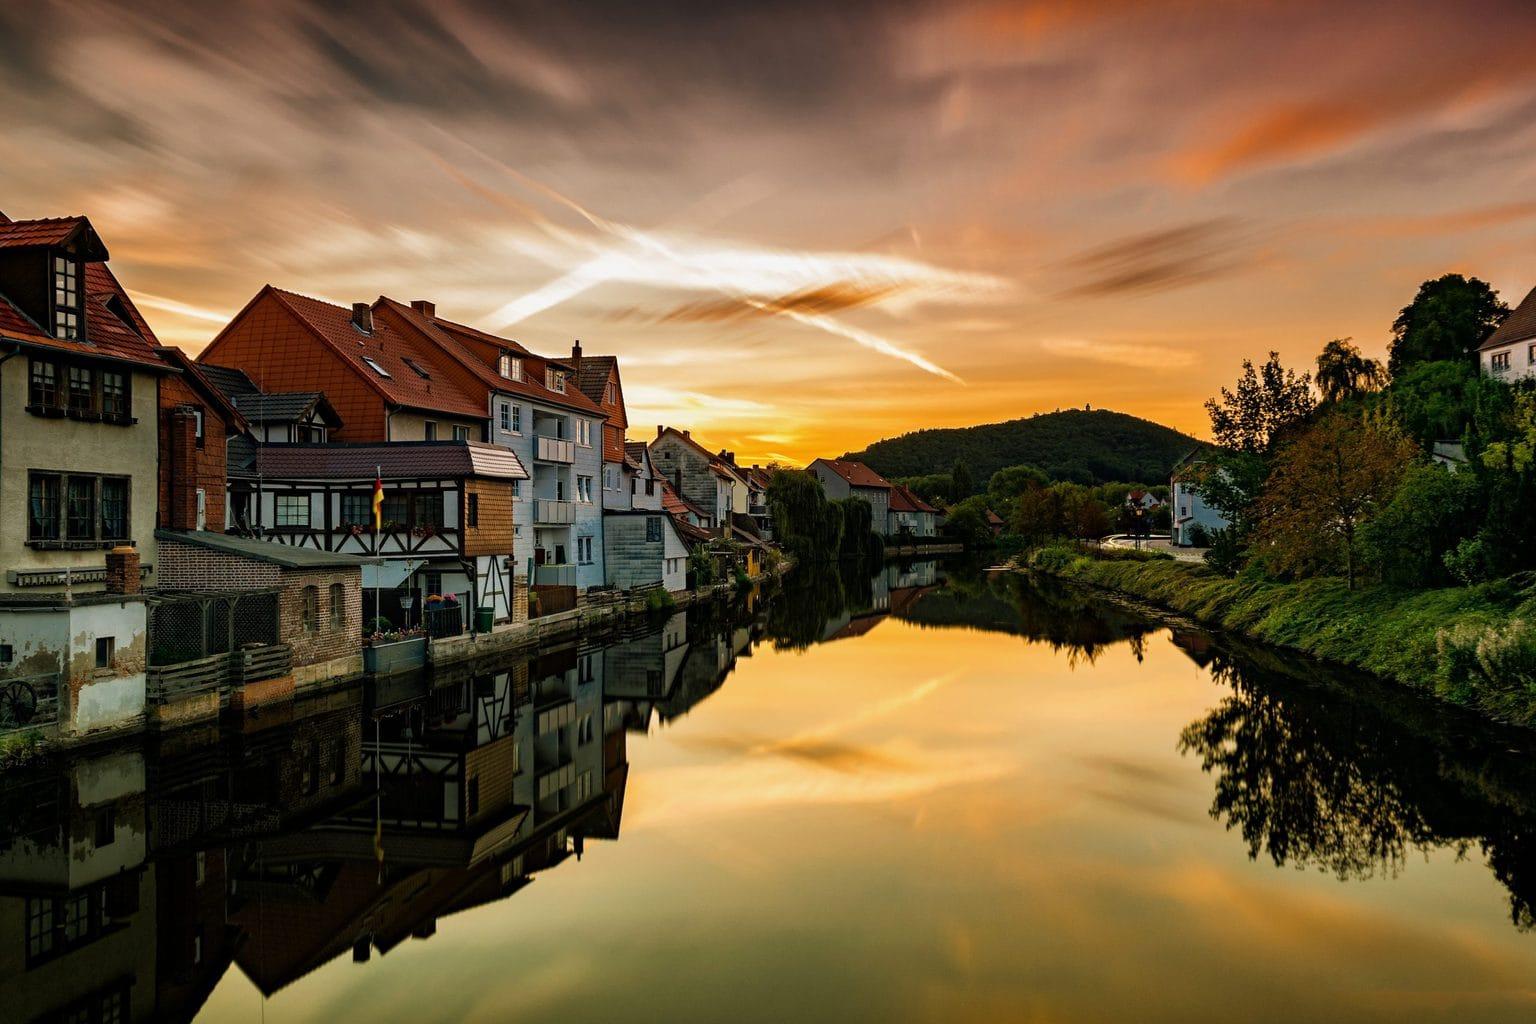 Zonsopgang in het stadje Eschwege in Hessen